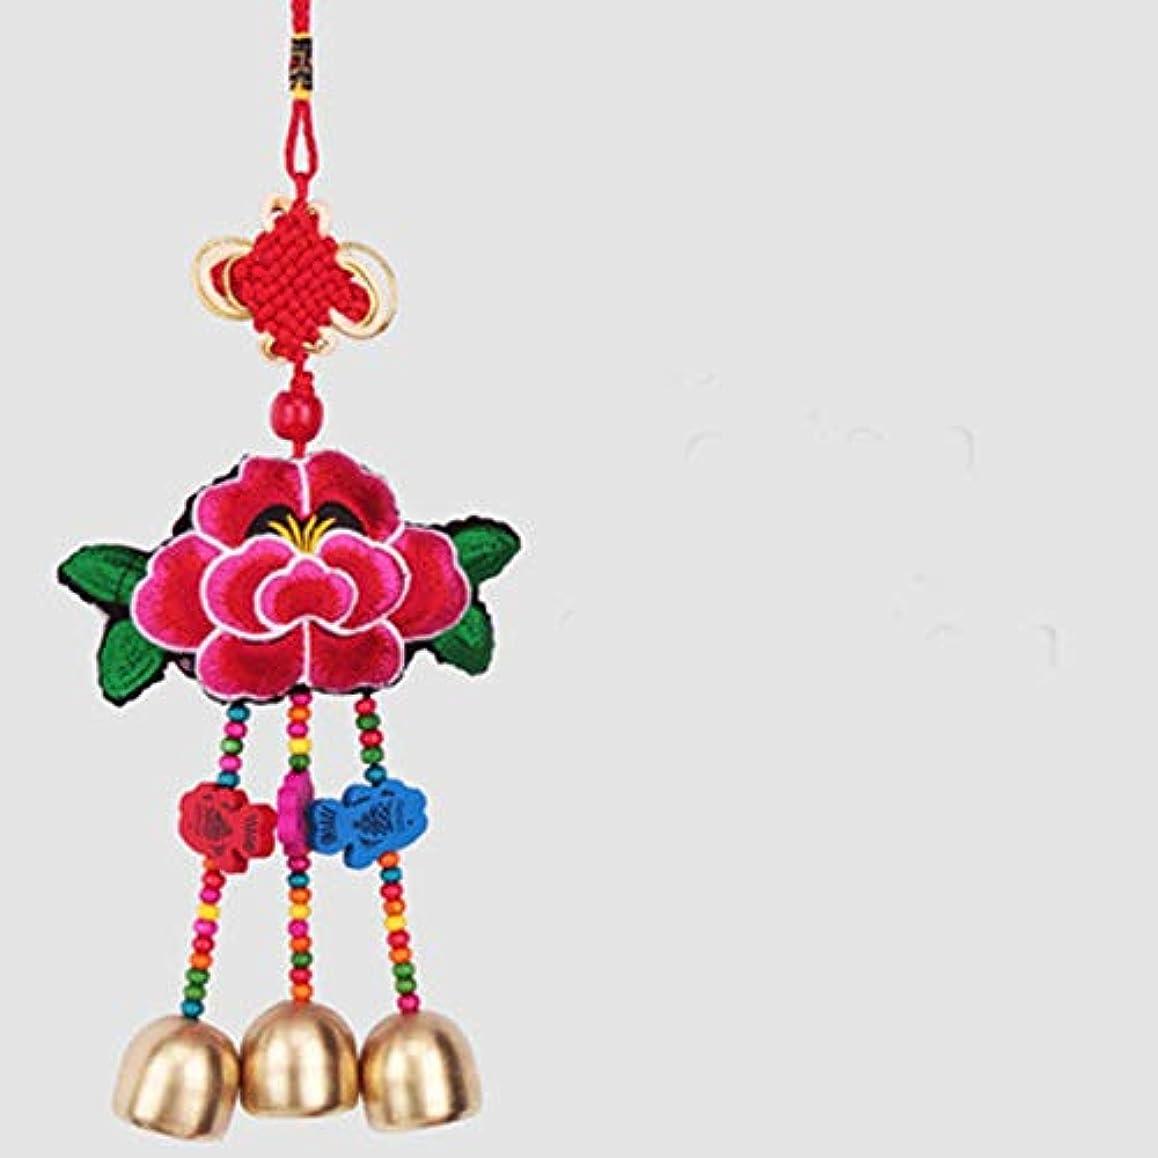 自分自身拒絶バリアHongyushanghang Small Wind Chimes、中華風刺繍工芸品、14スタイル、ワンピース,、ジュエリークリエイティブホリデーギフトを掛ける (Color : 14)